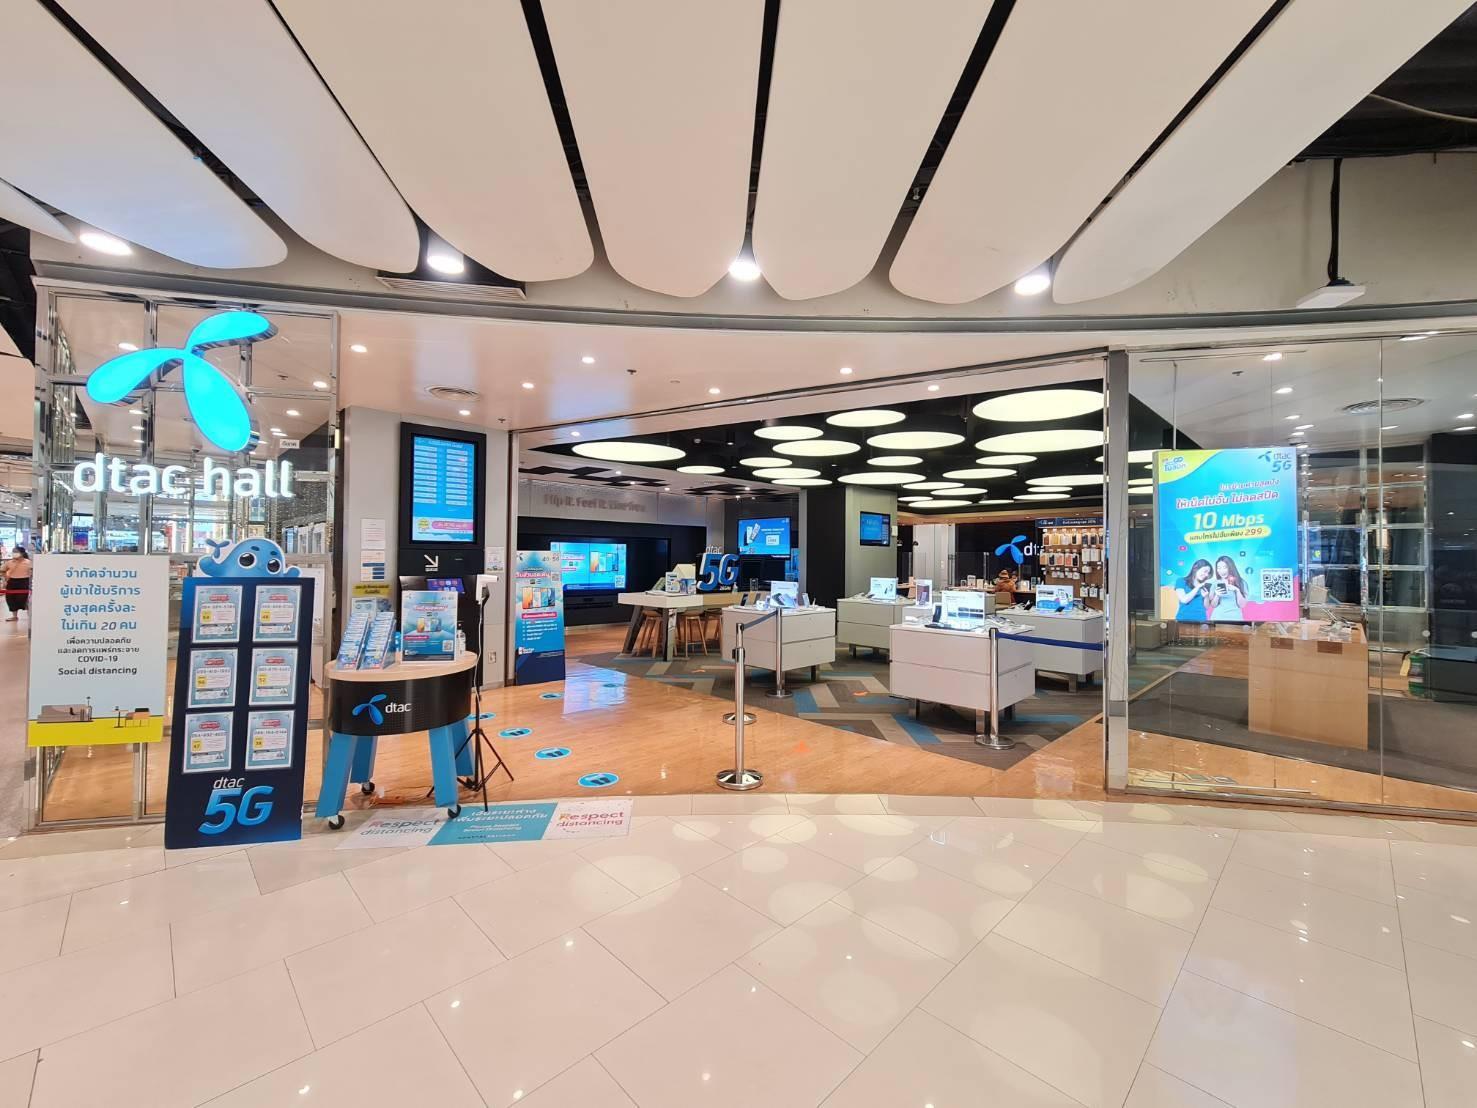 ดีแทคปิดศูนย์บริการชั่วคราวสาขาที่อยู่ในห้างสรรพสินค้า ในพื้นที่เข้มงวดควบคุมสูงสุดทั้ง 13 จังหวัด เริ่ม 20 ก.ค. – 2 ส.ค. แนะนำลูกค้าใช้บริการช่องทางดิจิทัล – ดีแทคแอป